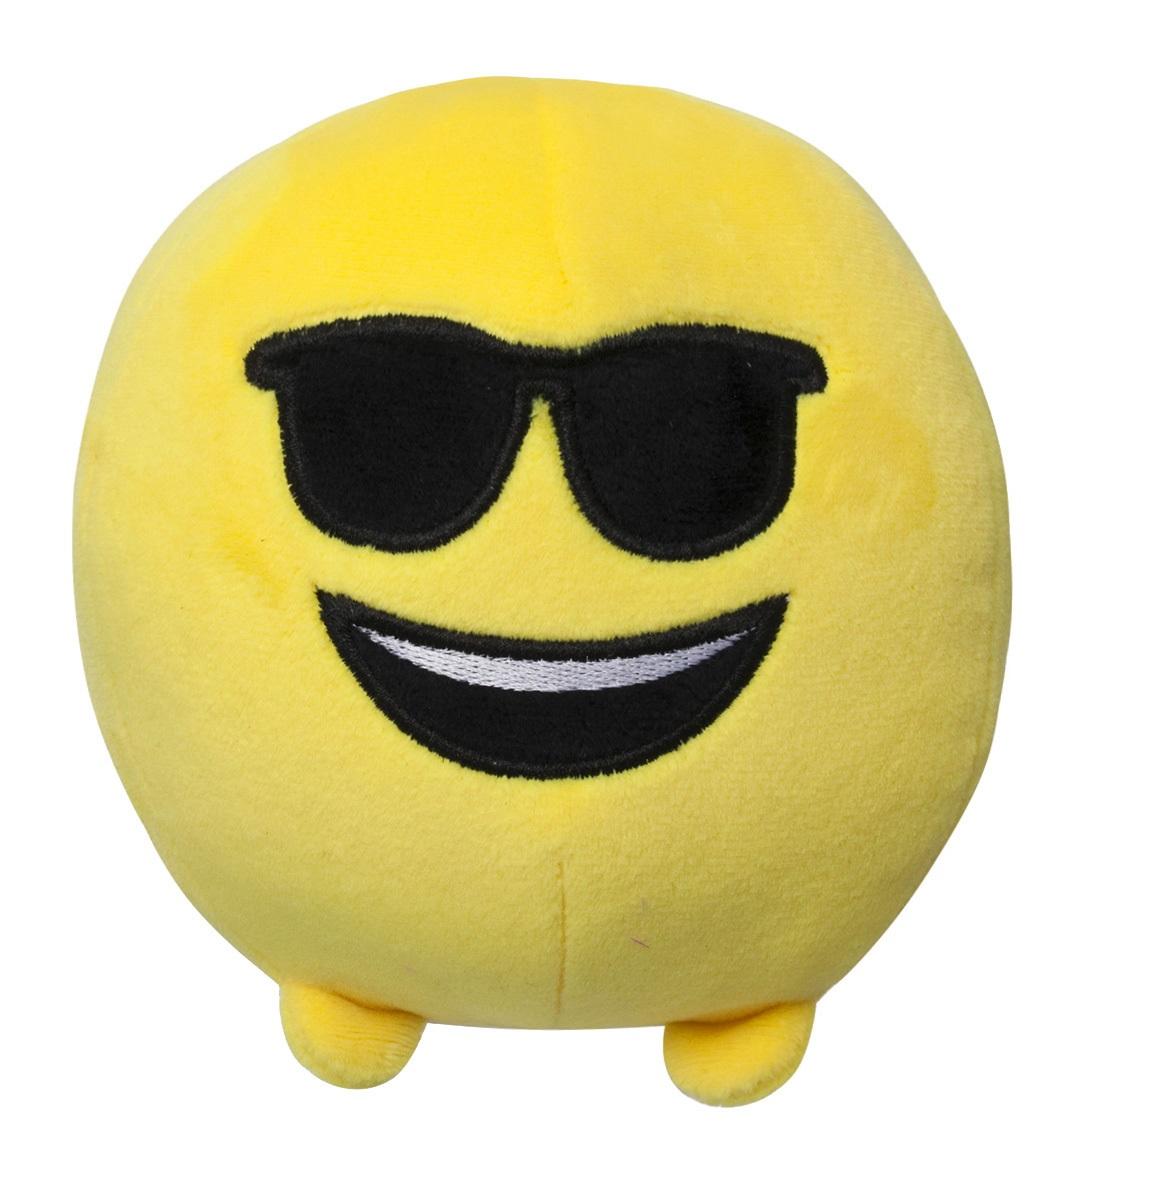 Мягкая игрушка Imoji. Крутой (11 см)